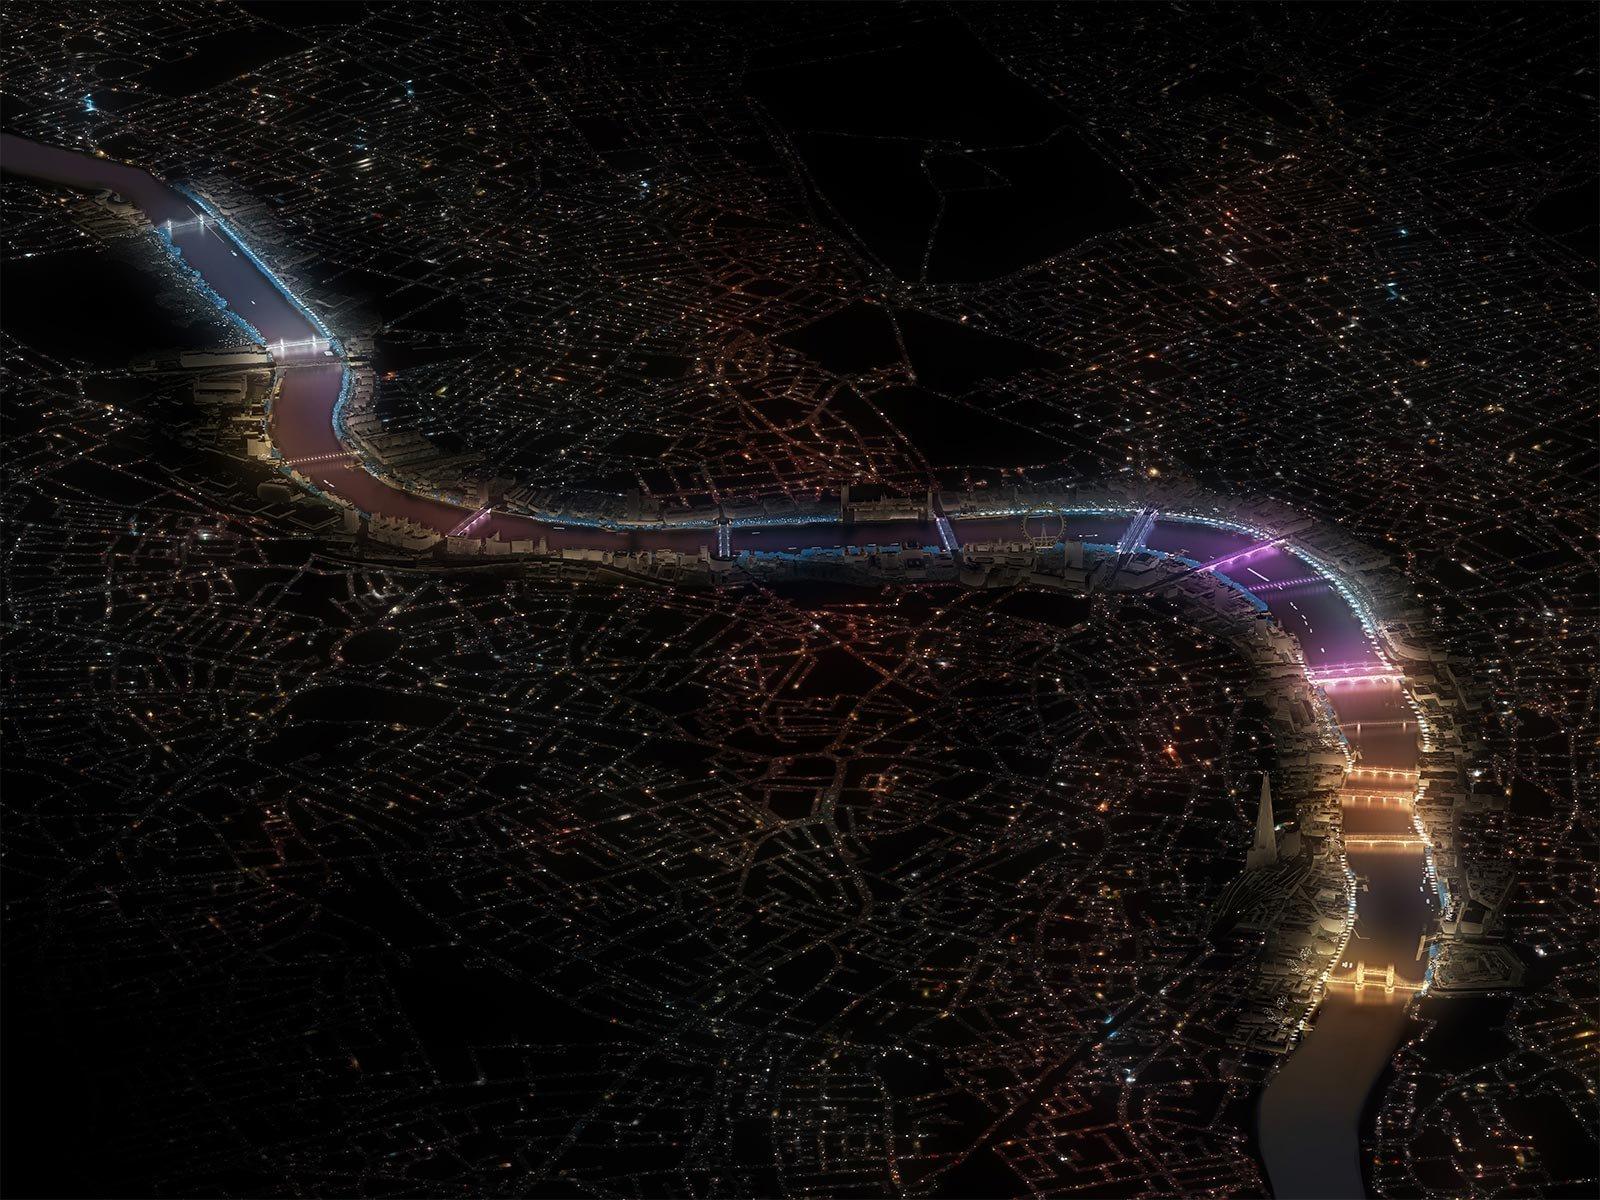 Current, il progetto che illuminerà 17 ponti di Londra